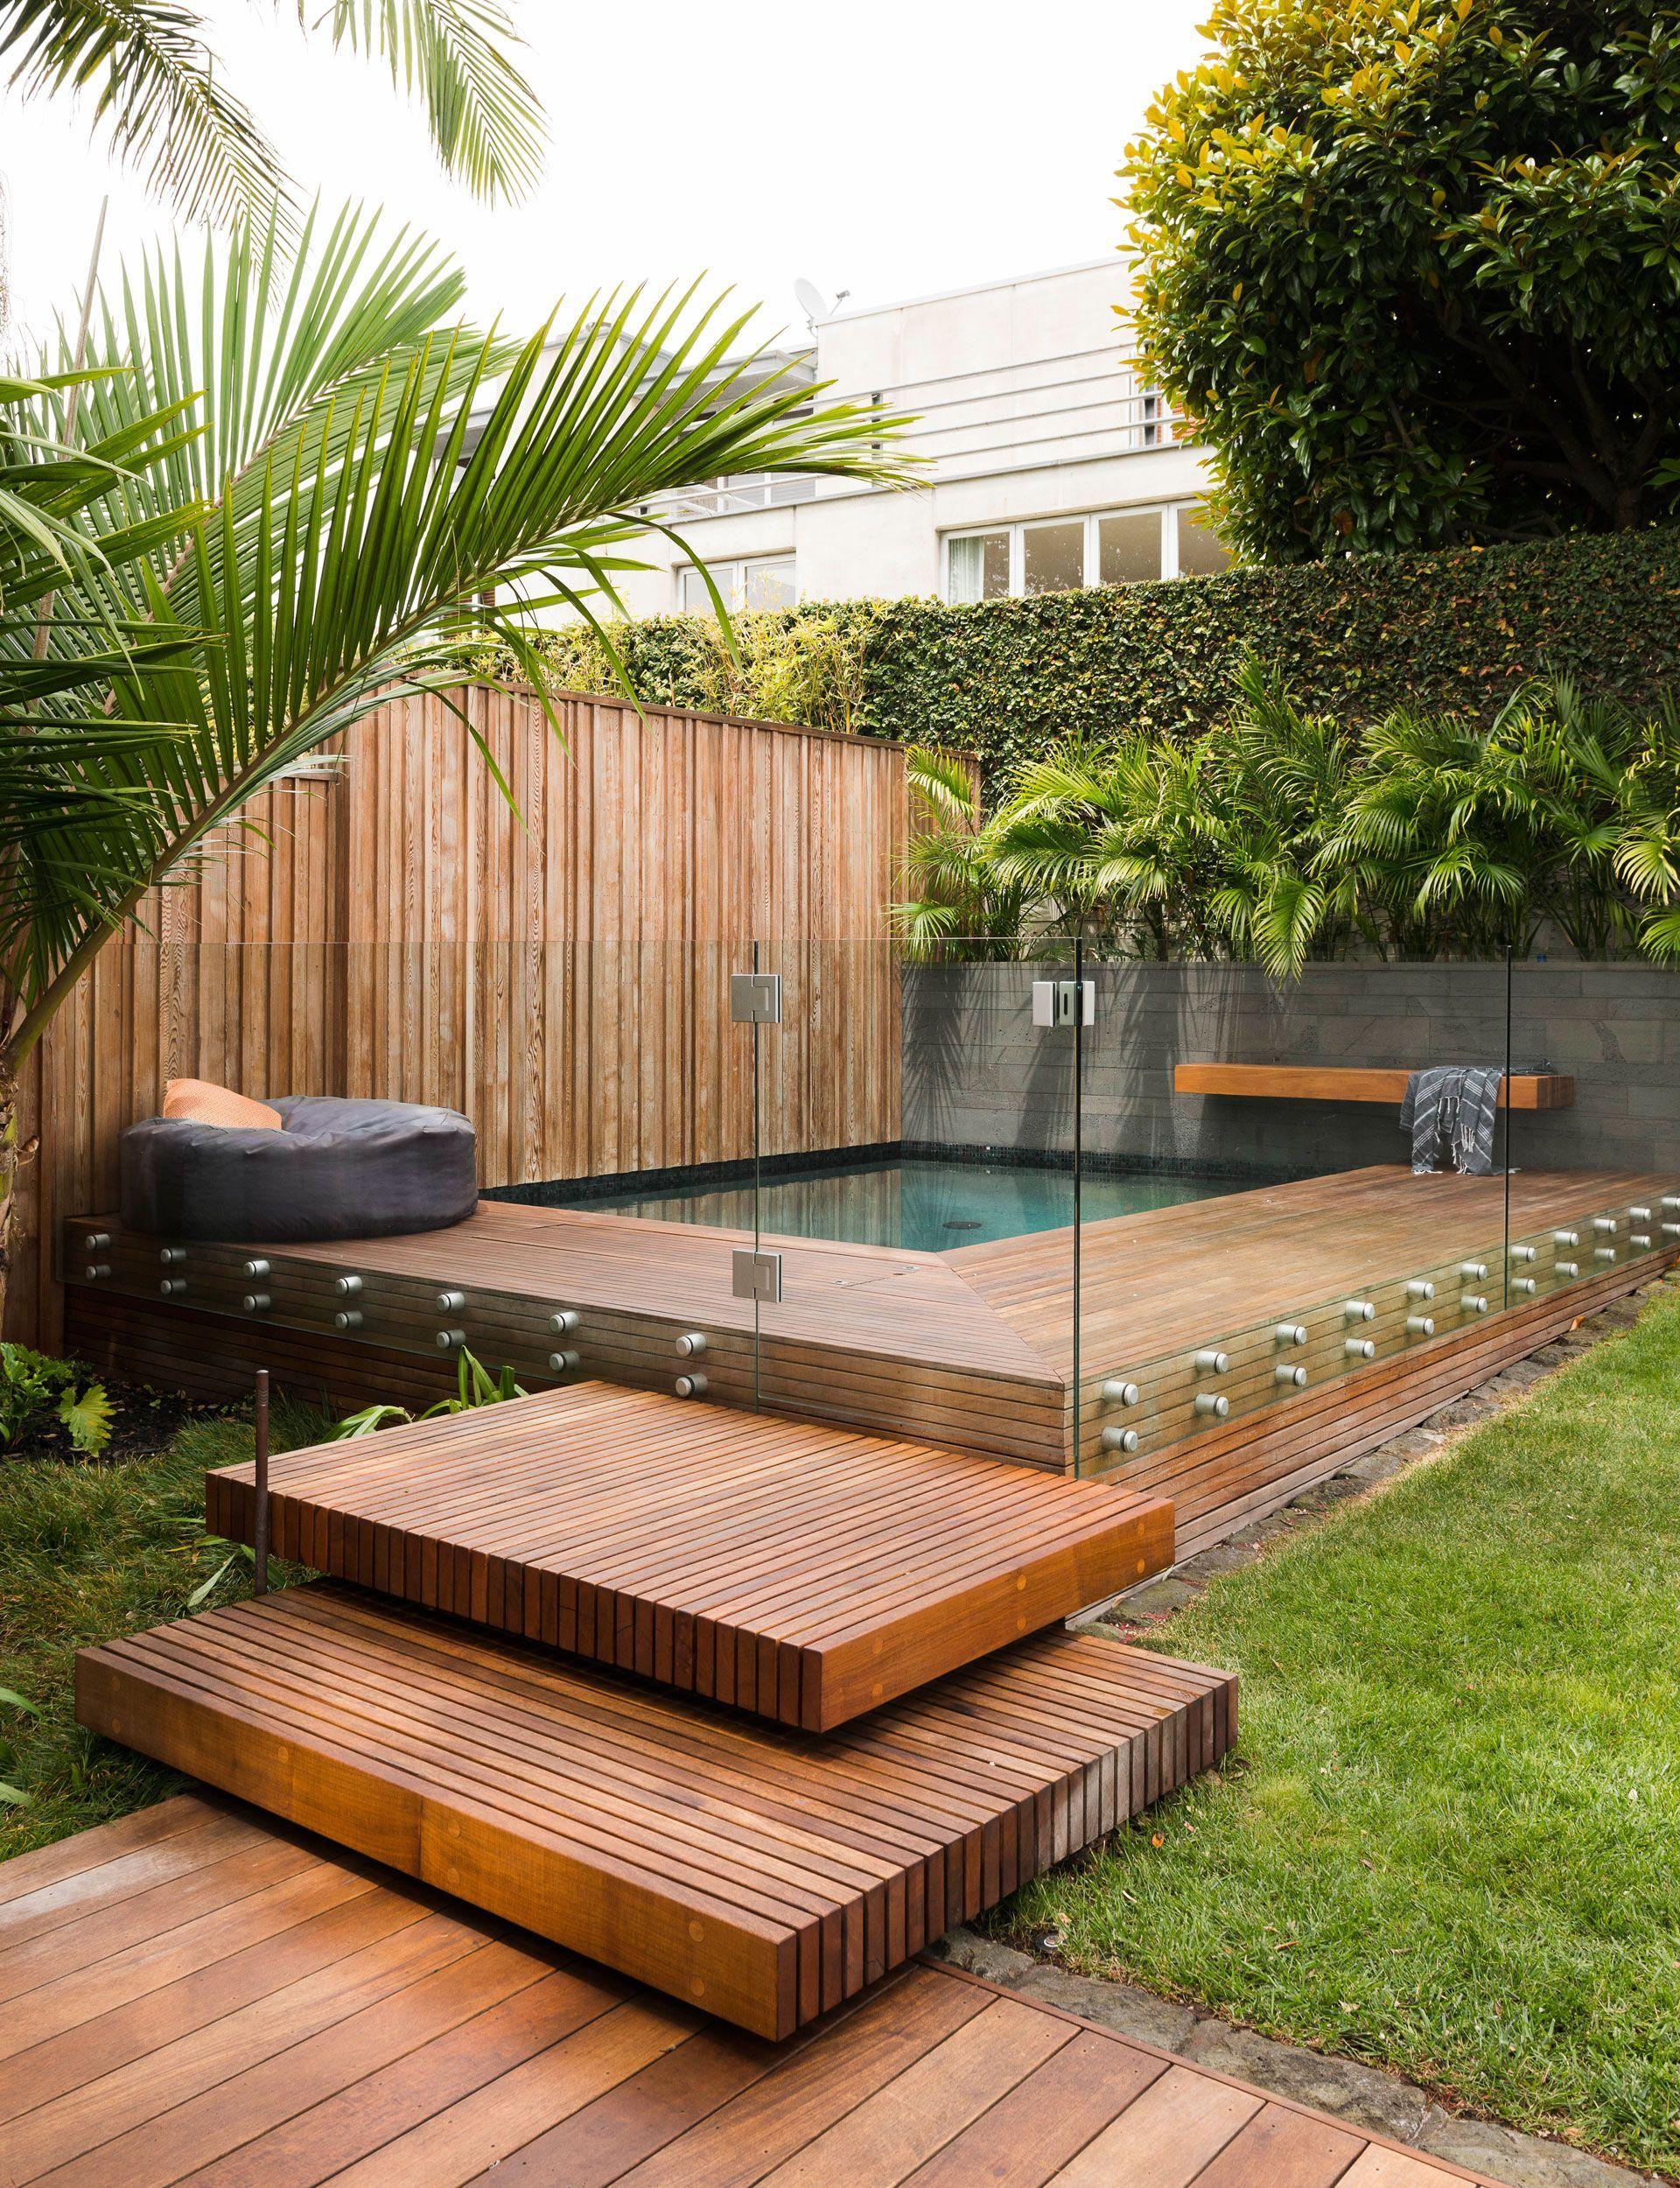 Gewinnen Sie ein Outdoor-Möbelpaket im Wert von 5.000 USD!   - Piscine - #ein #Garden #gewinnen #im #OutdoorMöbelpaket #Piscine #Sie #USD #von #Wert #gardenoutdoors